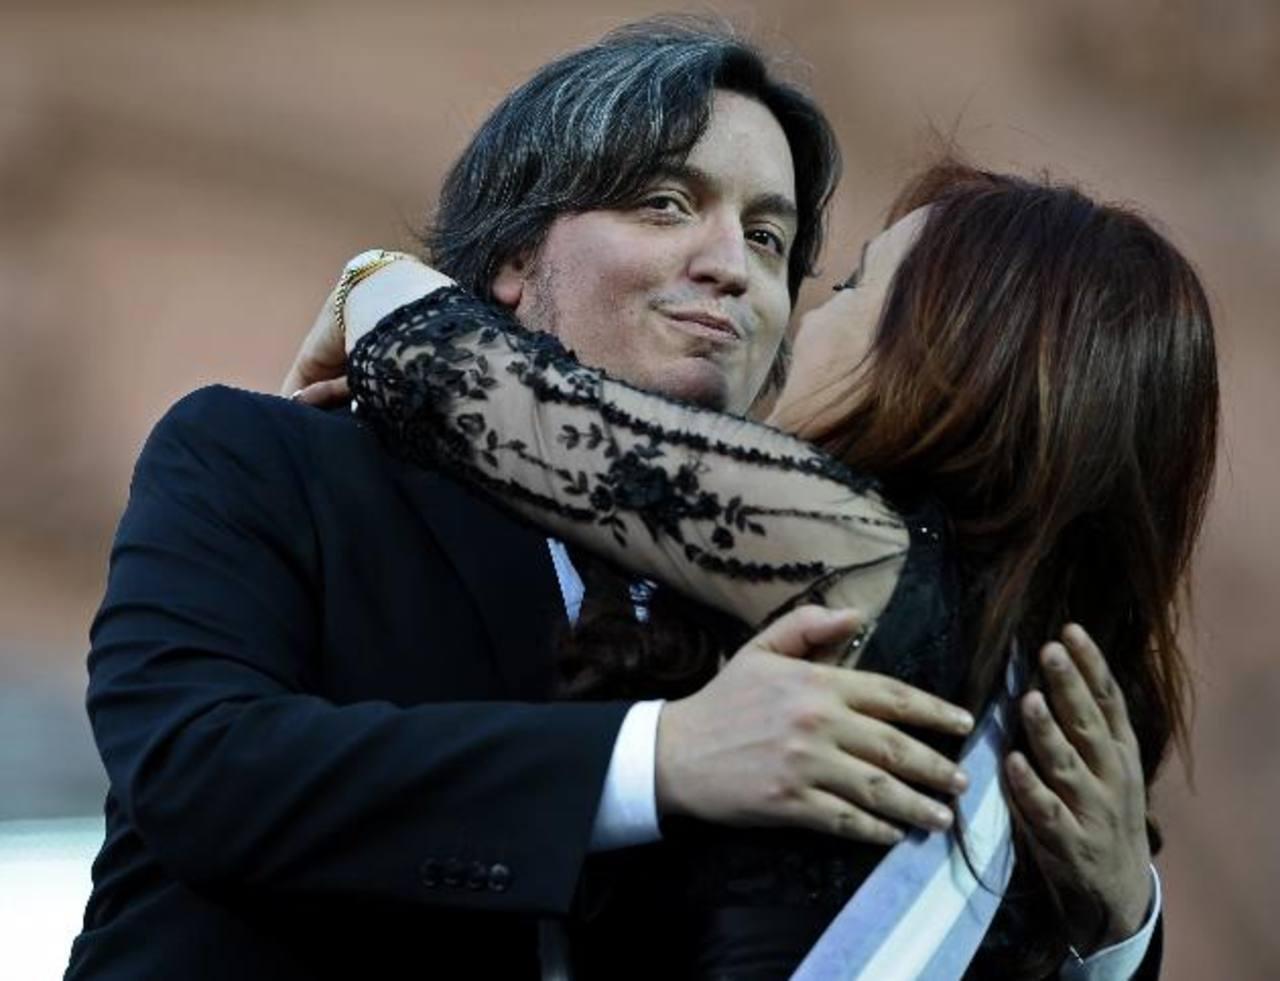 La presidenta de Argentina, Cristina de Kirchner, abraza a su hijo Máximo. edh /archivo